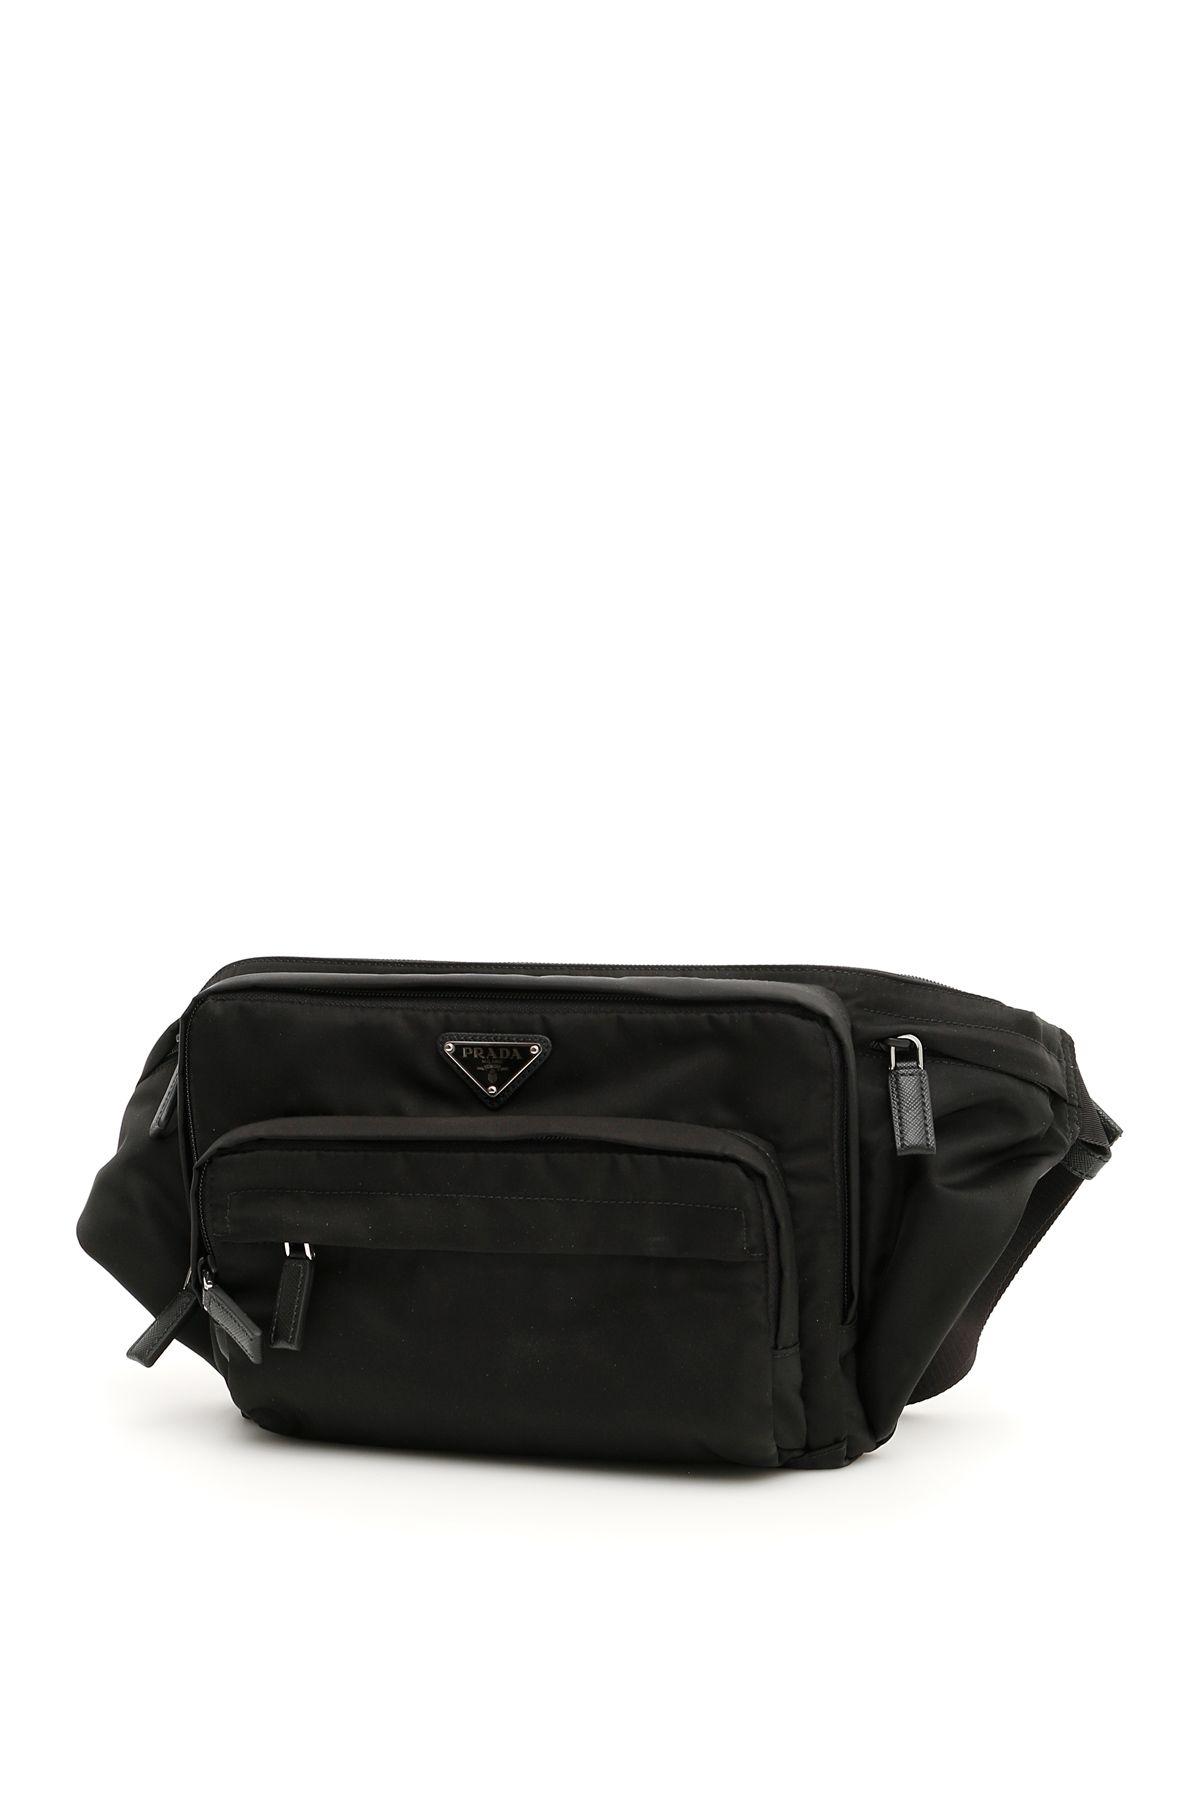 d2ac5aa35e25 Prada Nylon Beltpack In Neronero | ModeSens